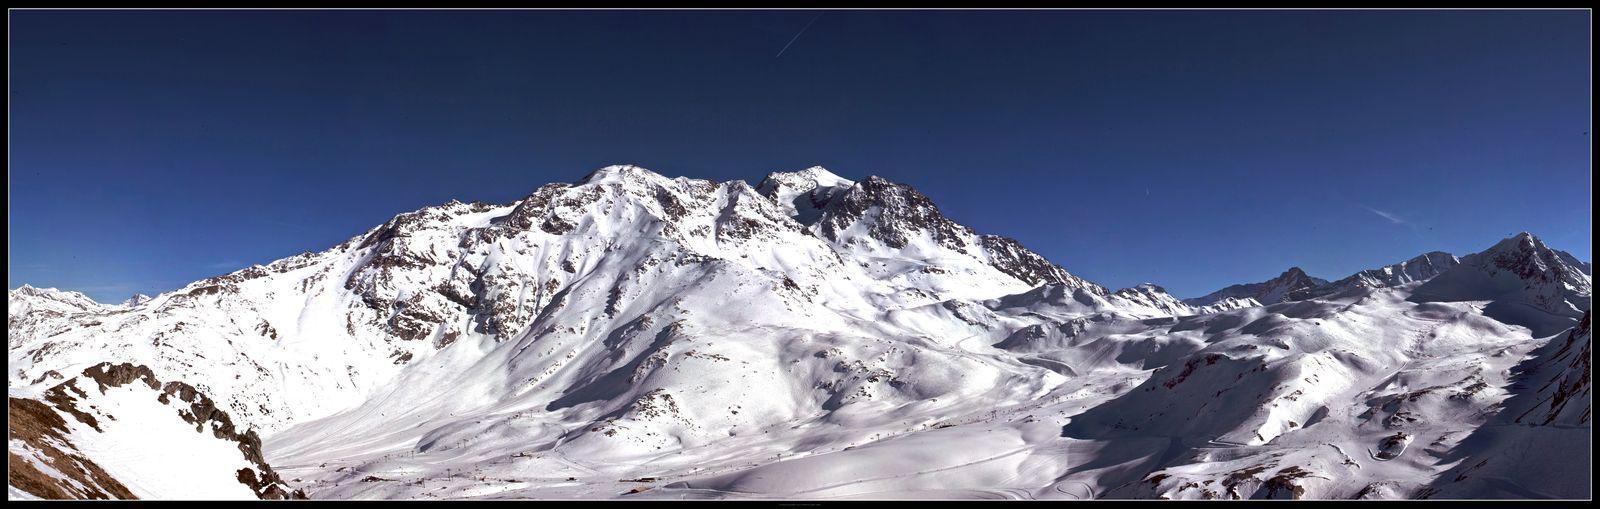 Réserve naturelle des Aiguilles Rouges_Chamonix-Mont-Blanc